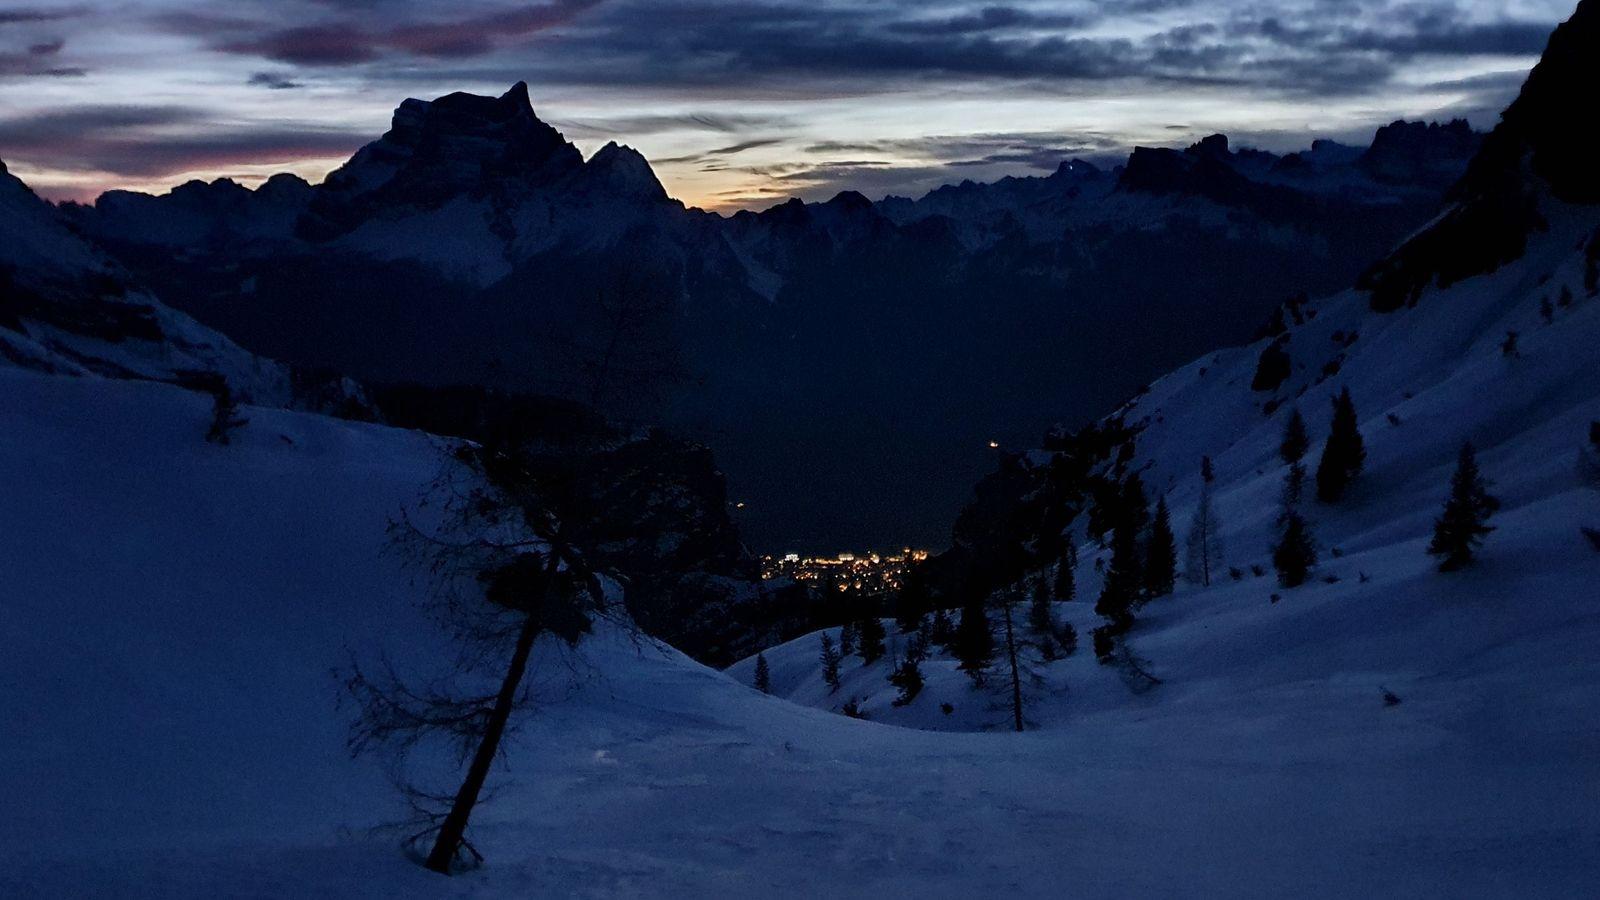 18 Monte Pelmo a svetlá mestečka posledných 1000 výškových pôjdeme po tme